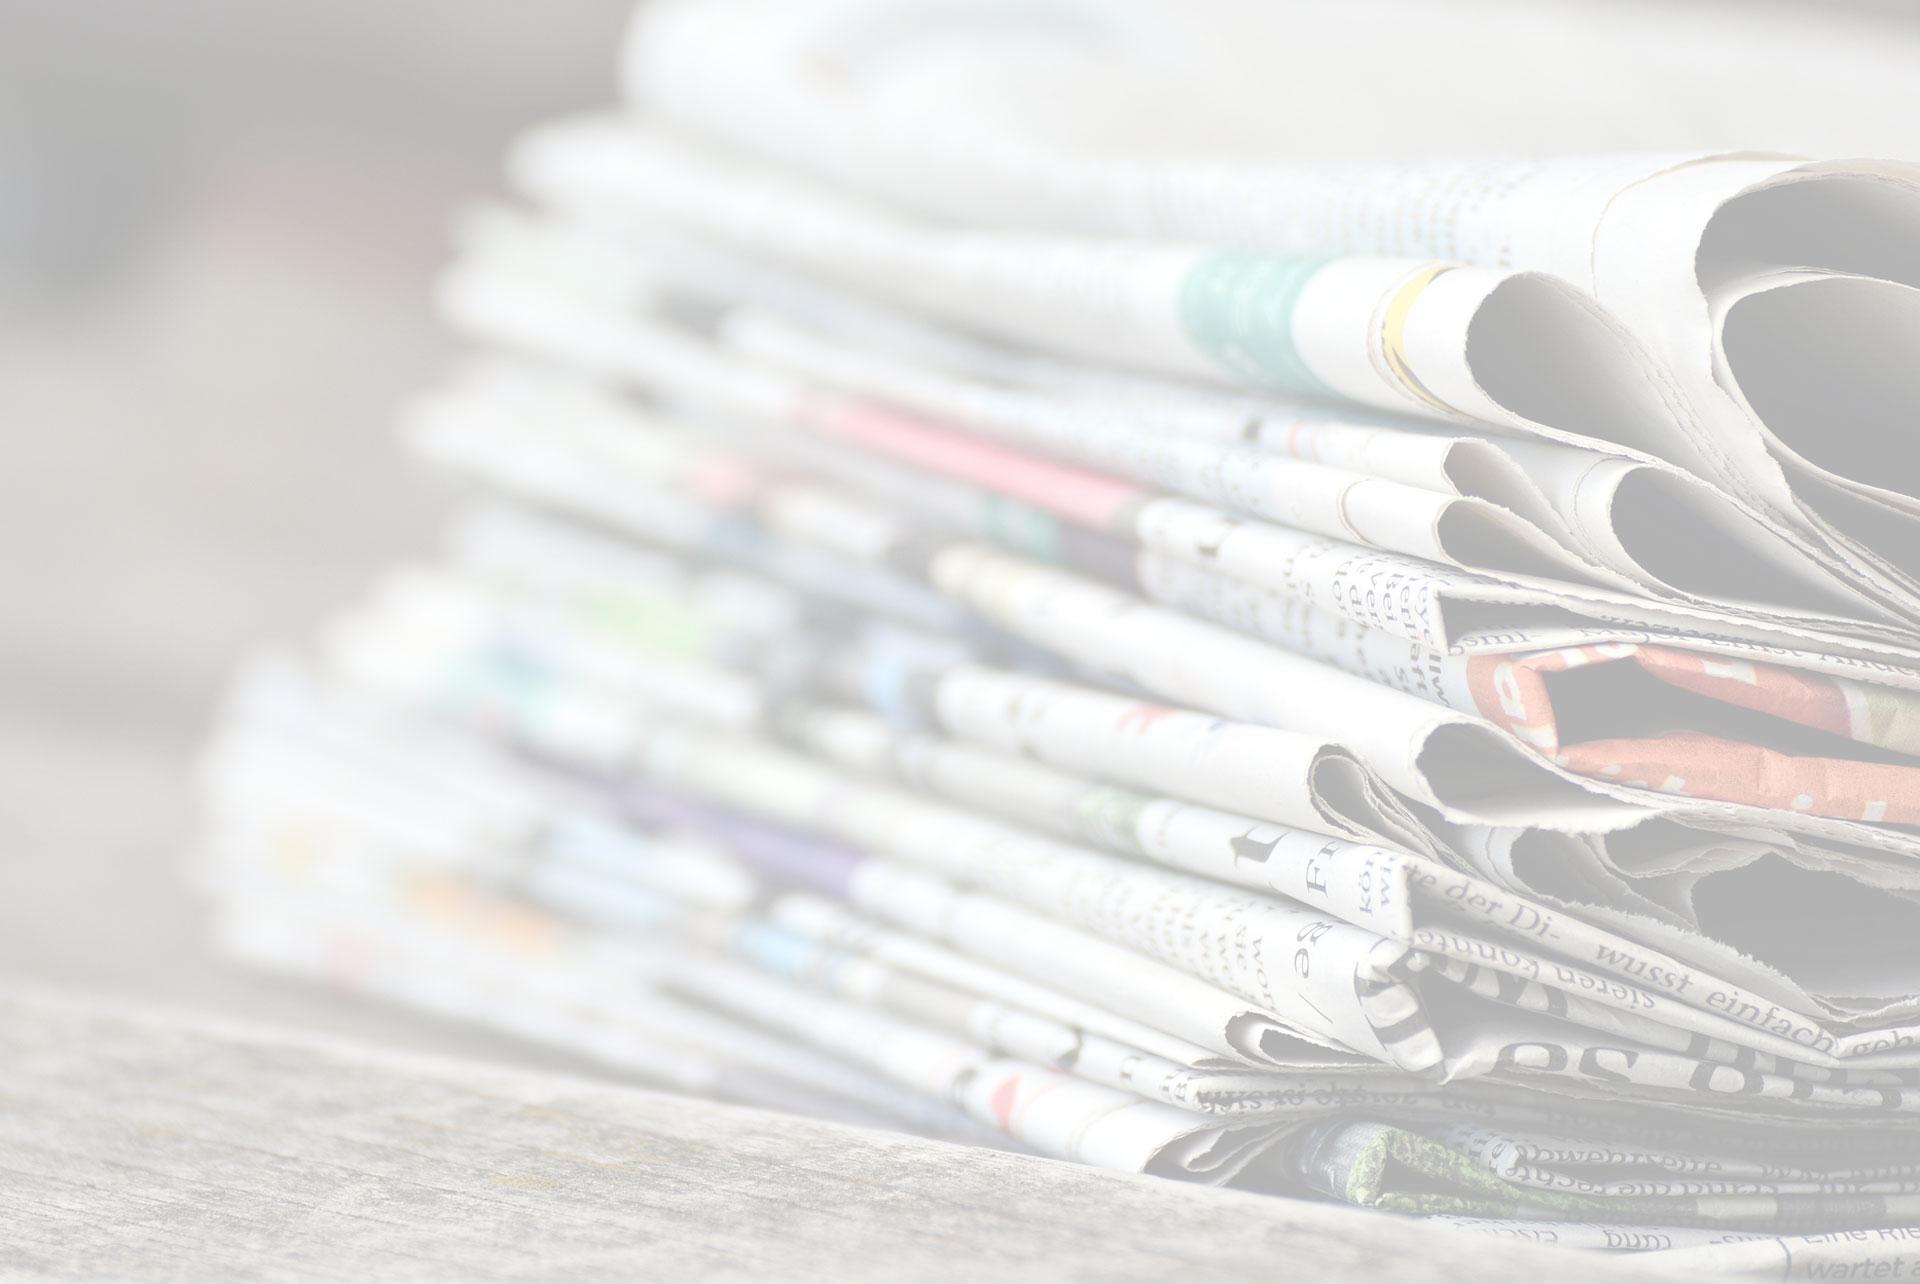 Cesare Romiti Gianni Agnelli Ciriaco De Mita